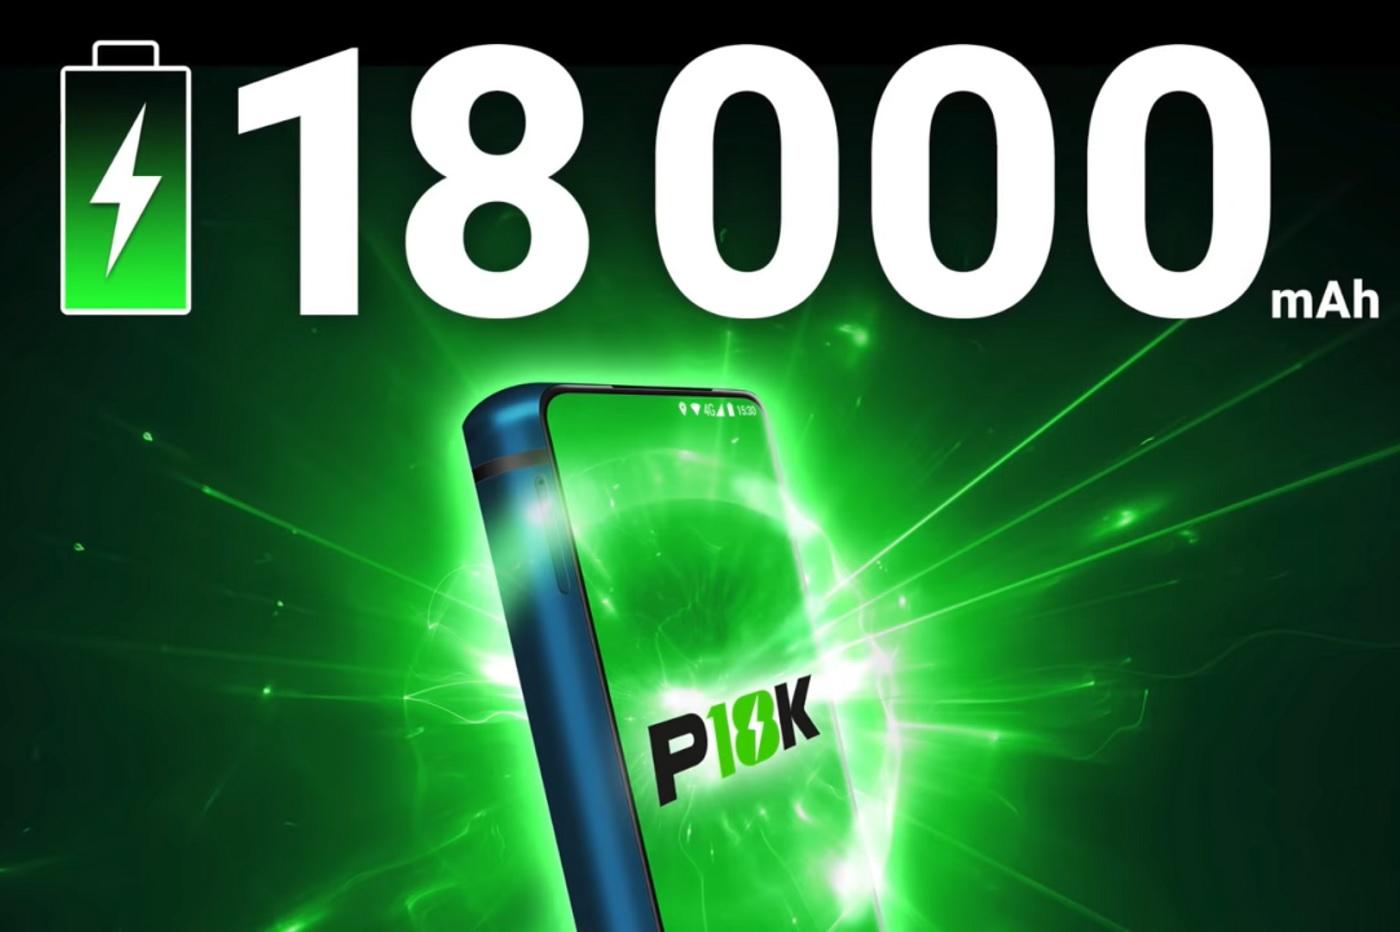 Le smartphone géant d'Energizer fait un flop sur Indiegogo